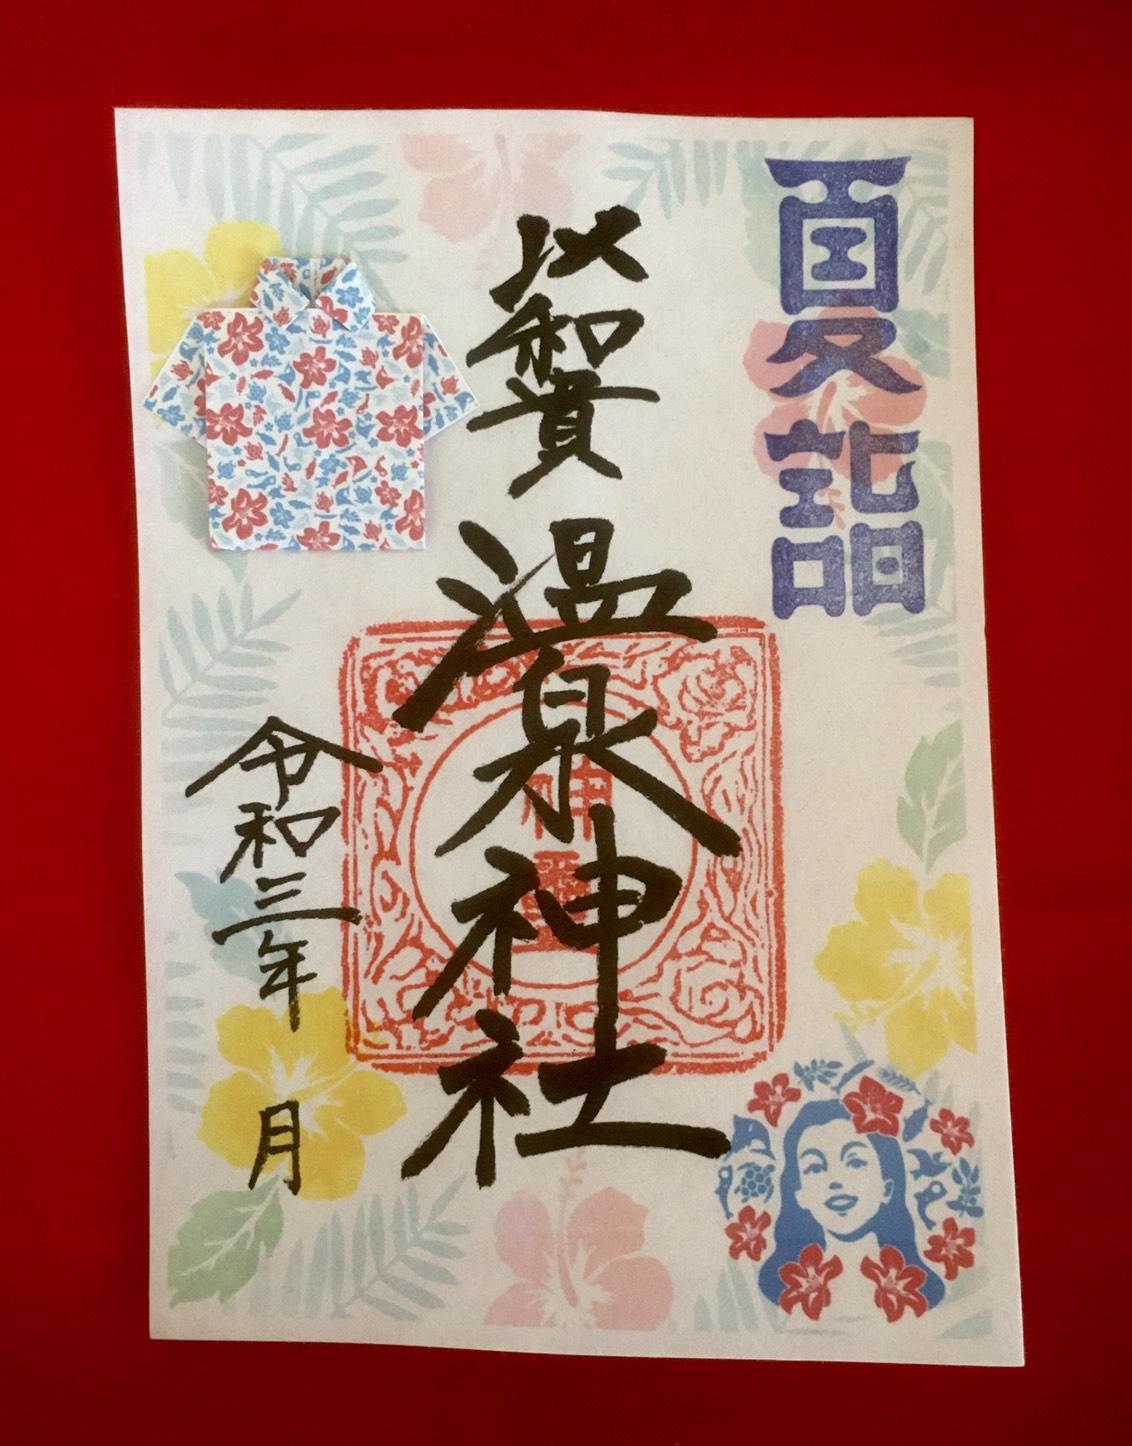 温泉神社 夏詣